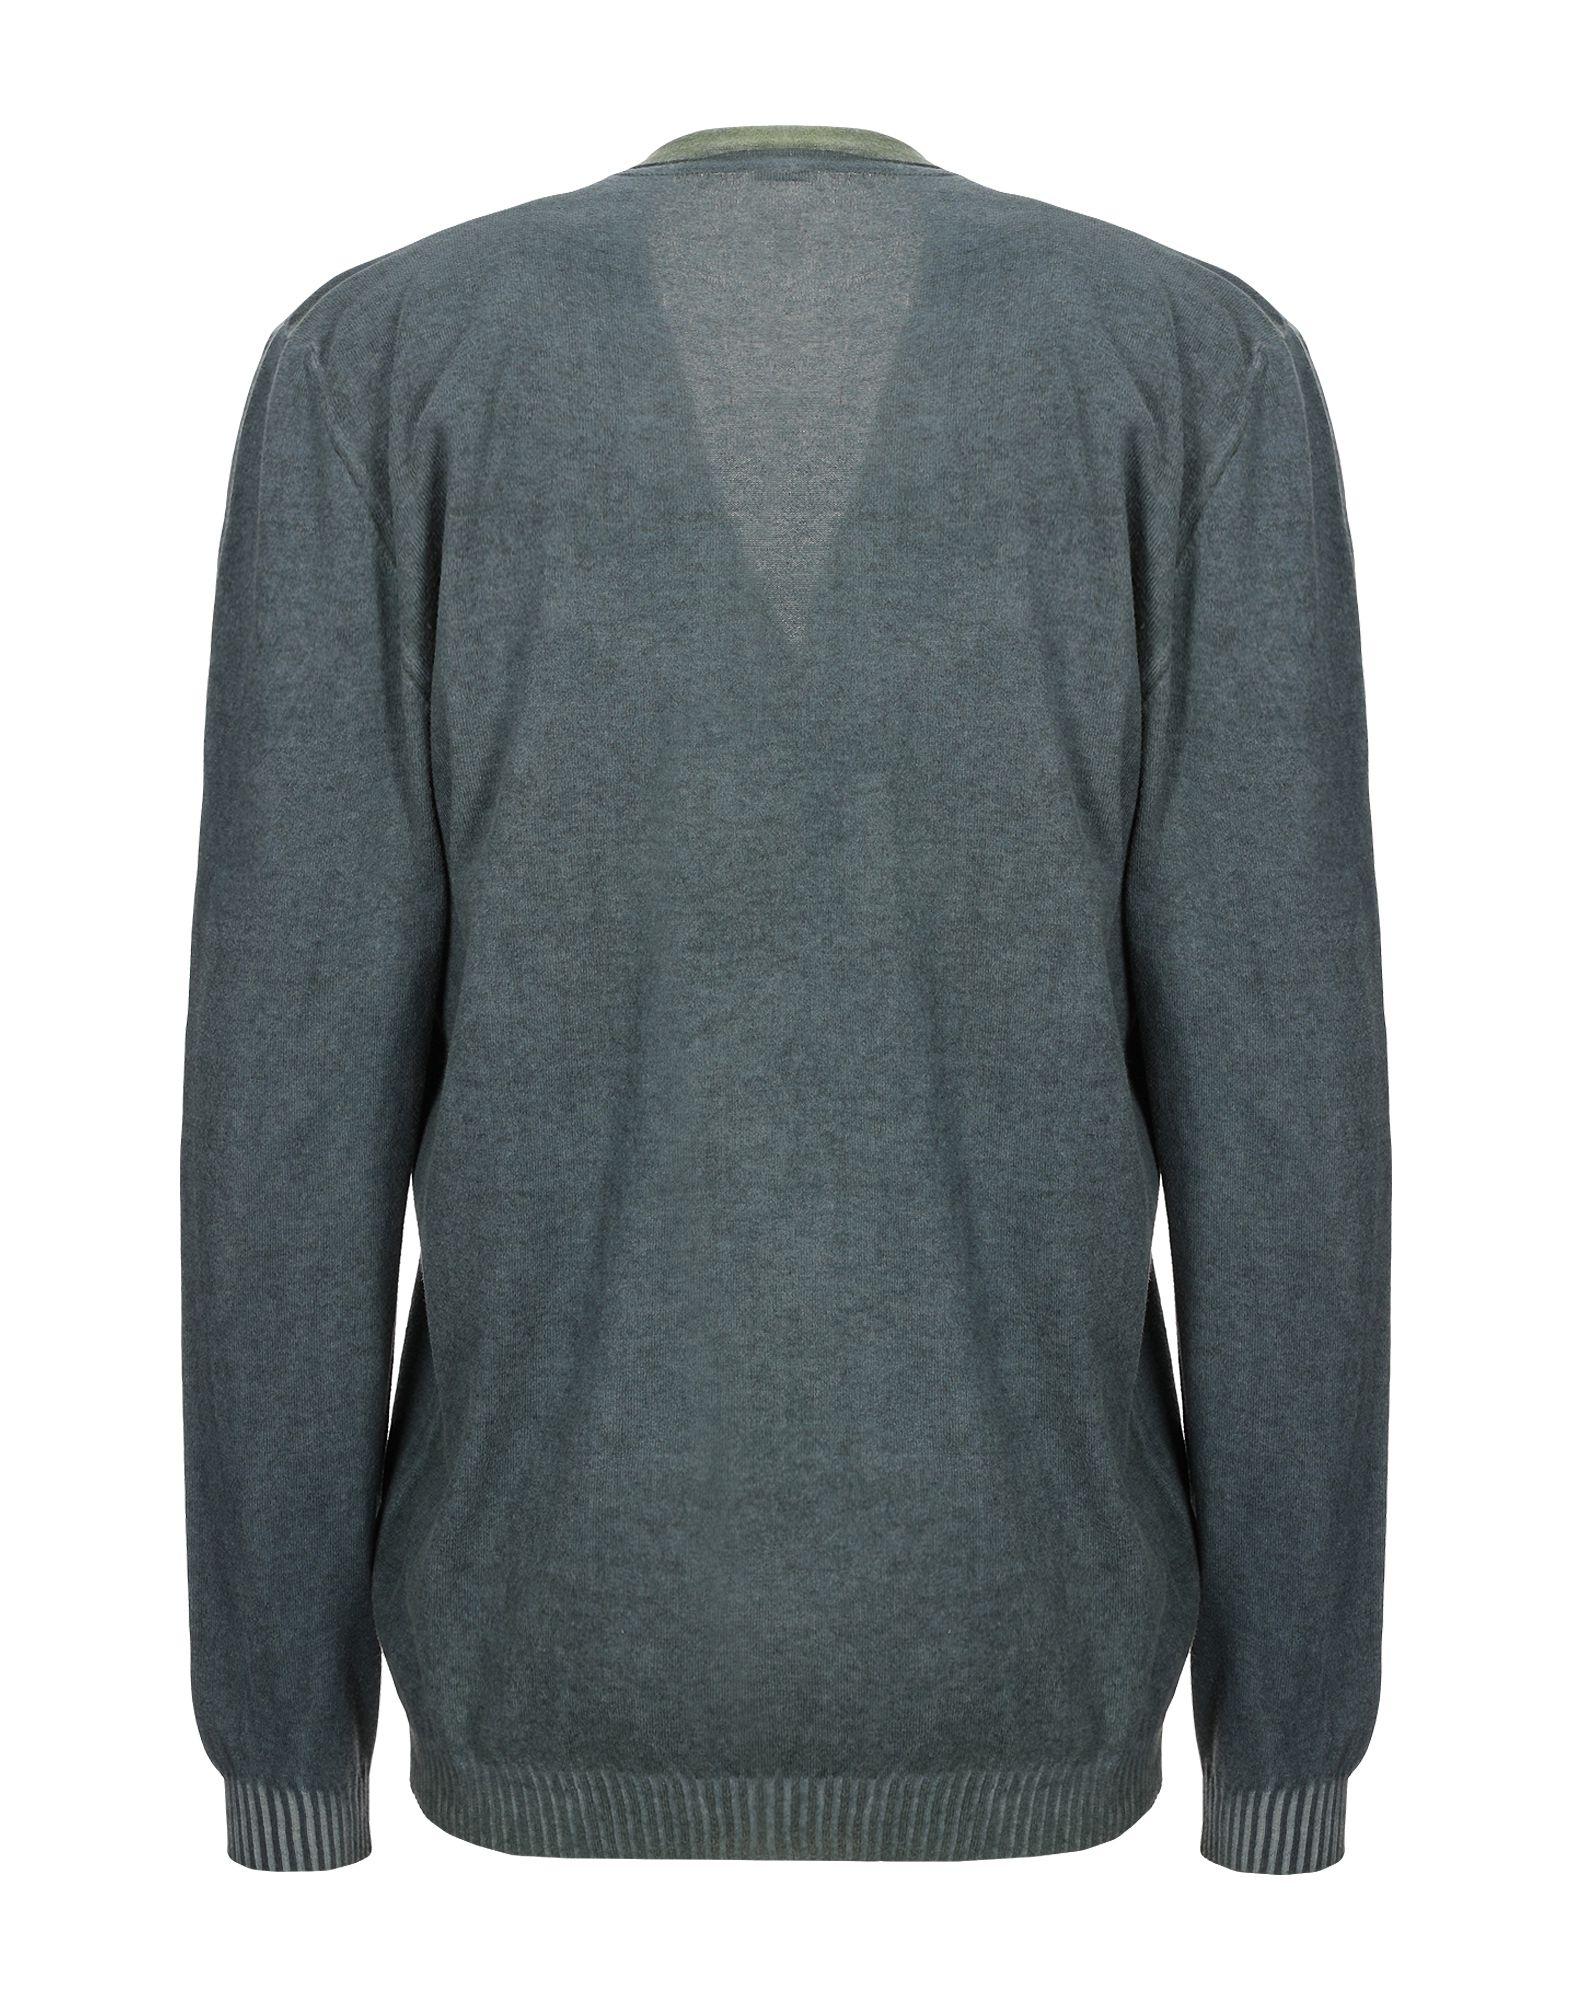 Bellwood - Knitwear - Cardigans - On Yoox.com